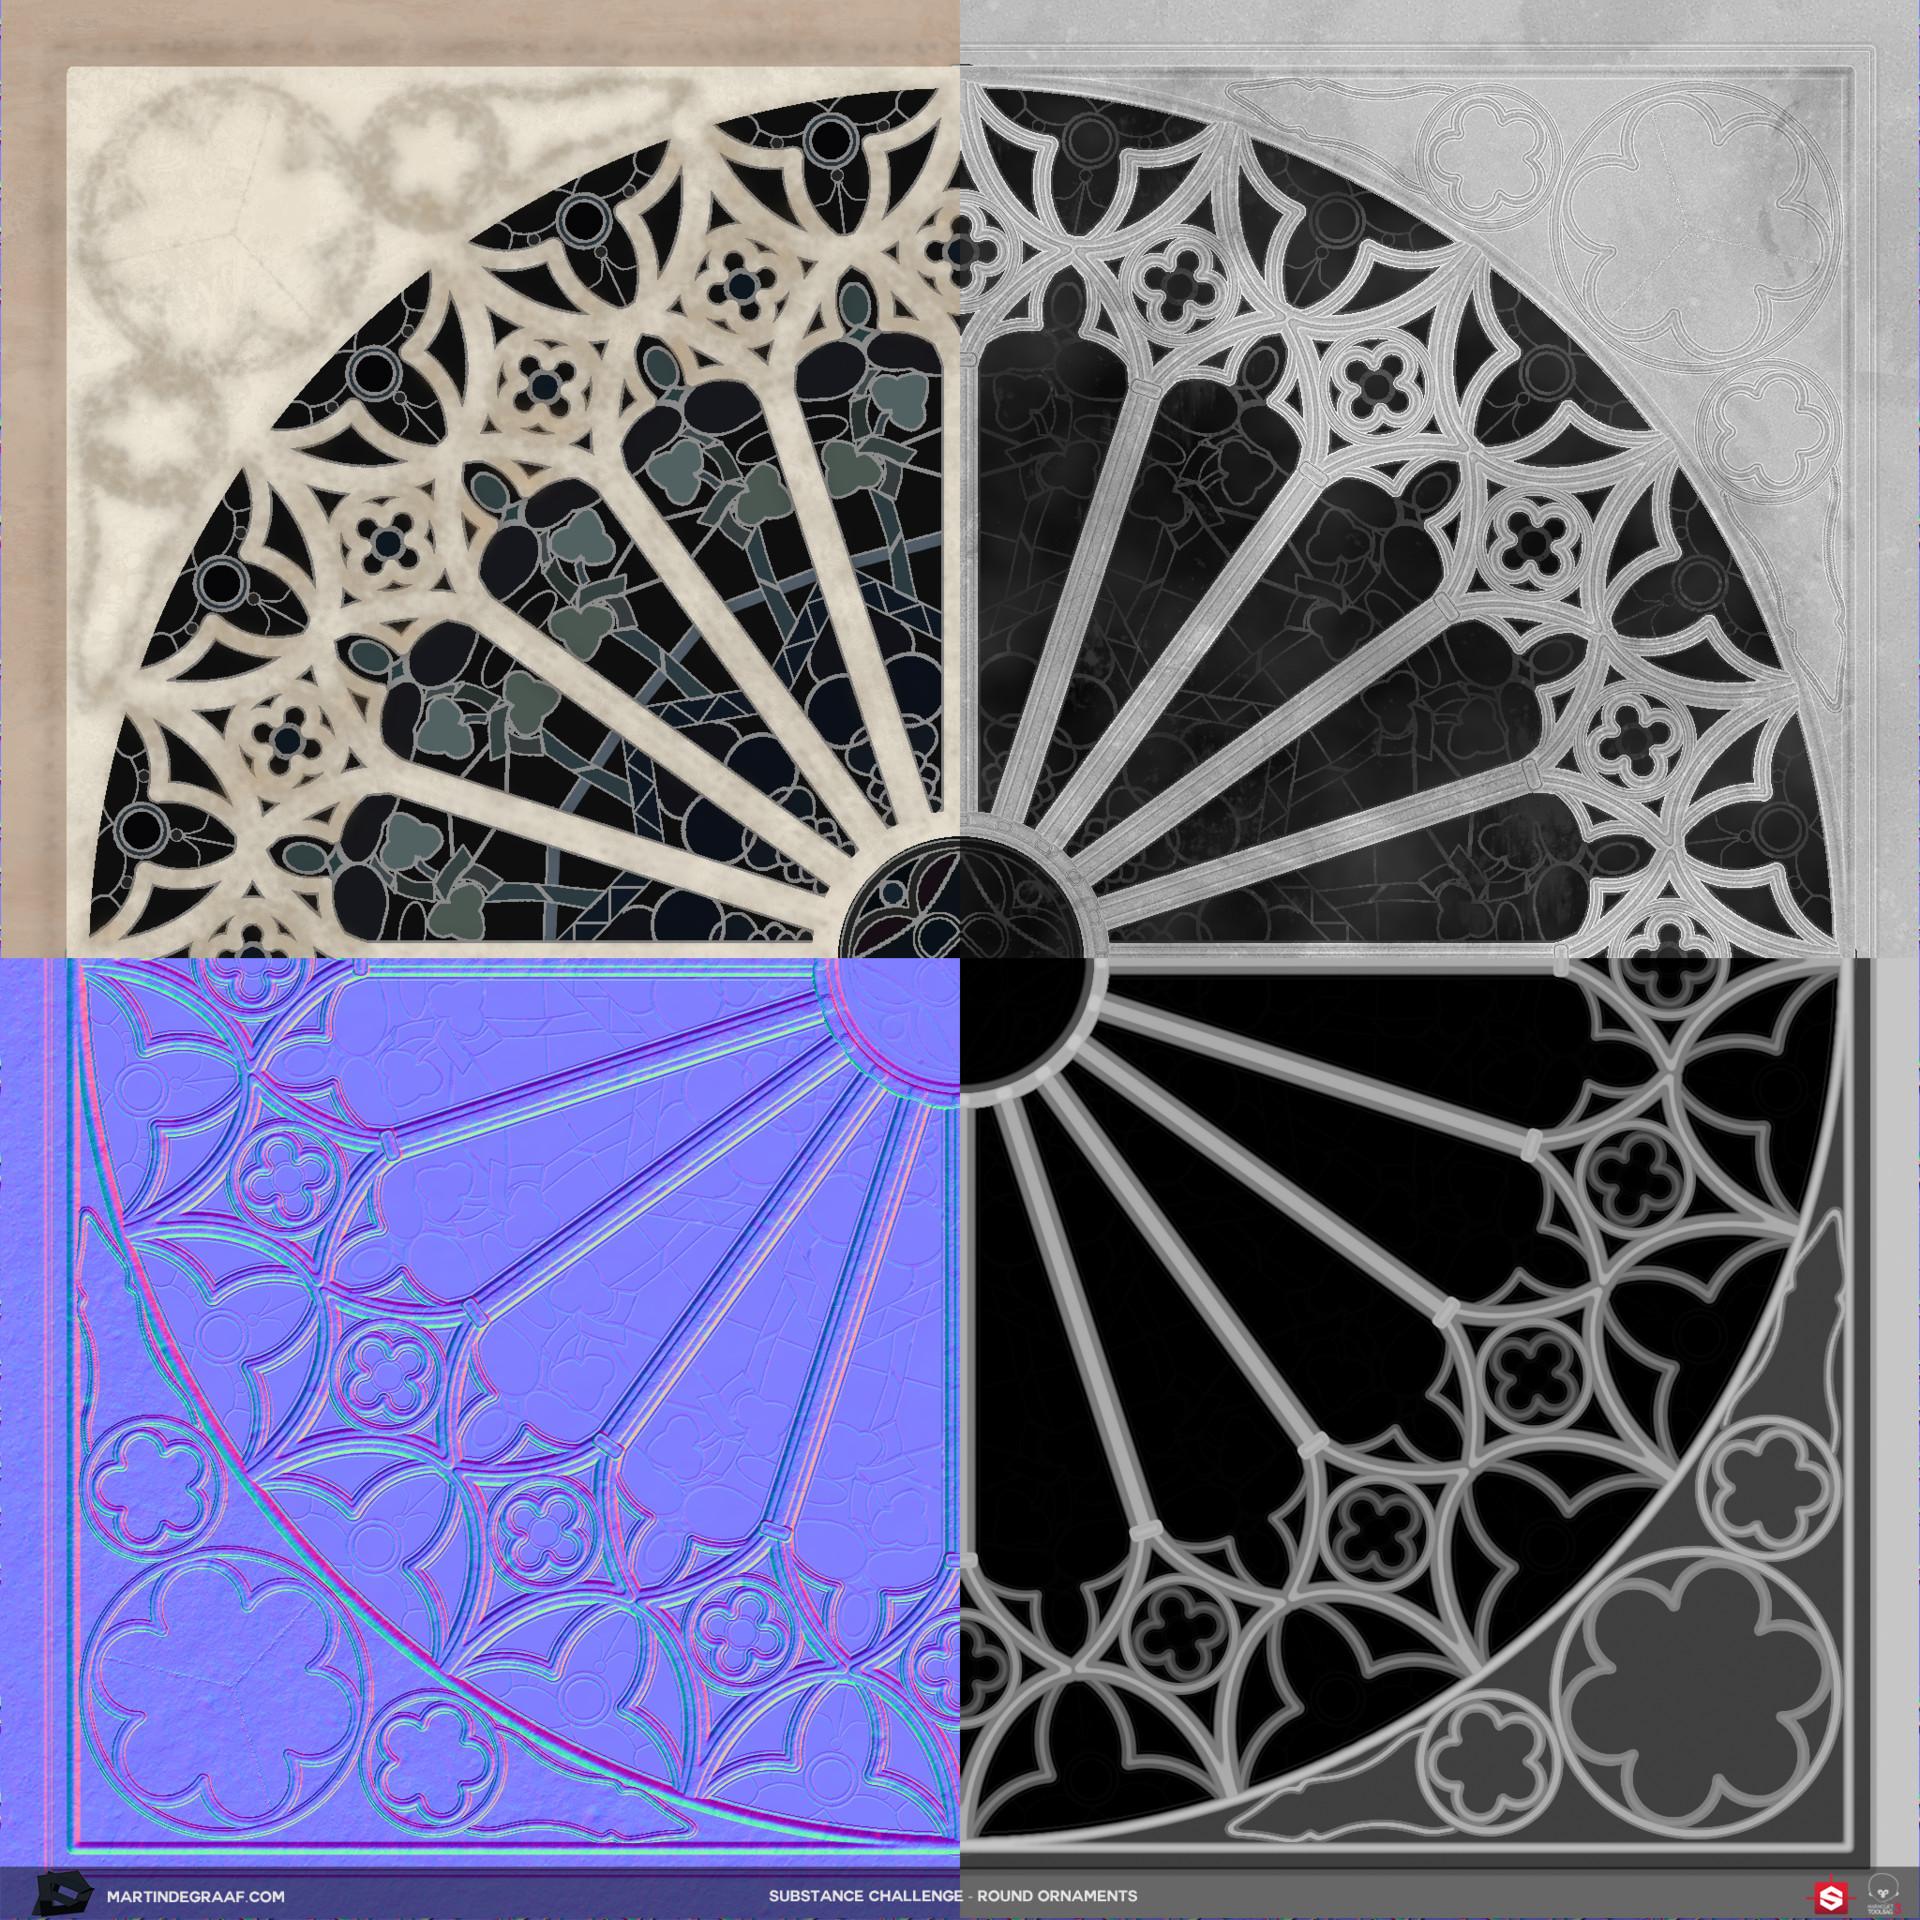 Martin de graaf substance challenge round ornaments substance texturesheet martin de graaf 2017